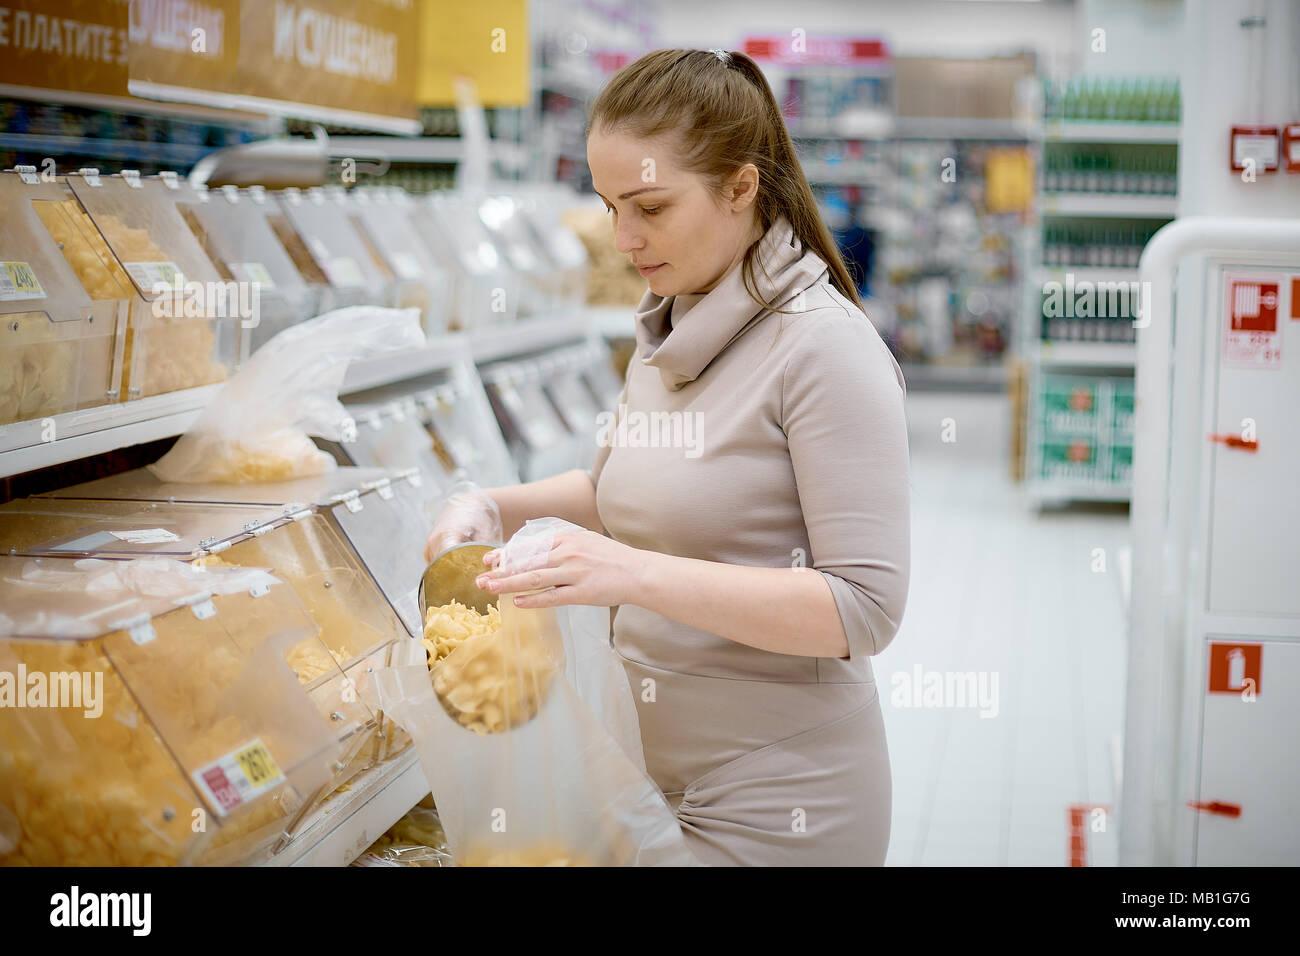 Belle jeune femme achète jetons sur poids dans les supermarchés Photo Stock